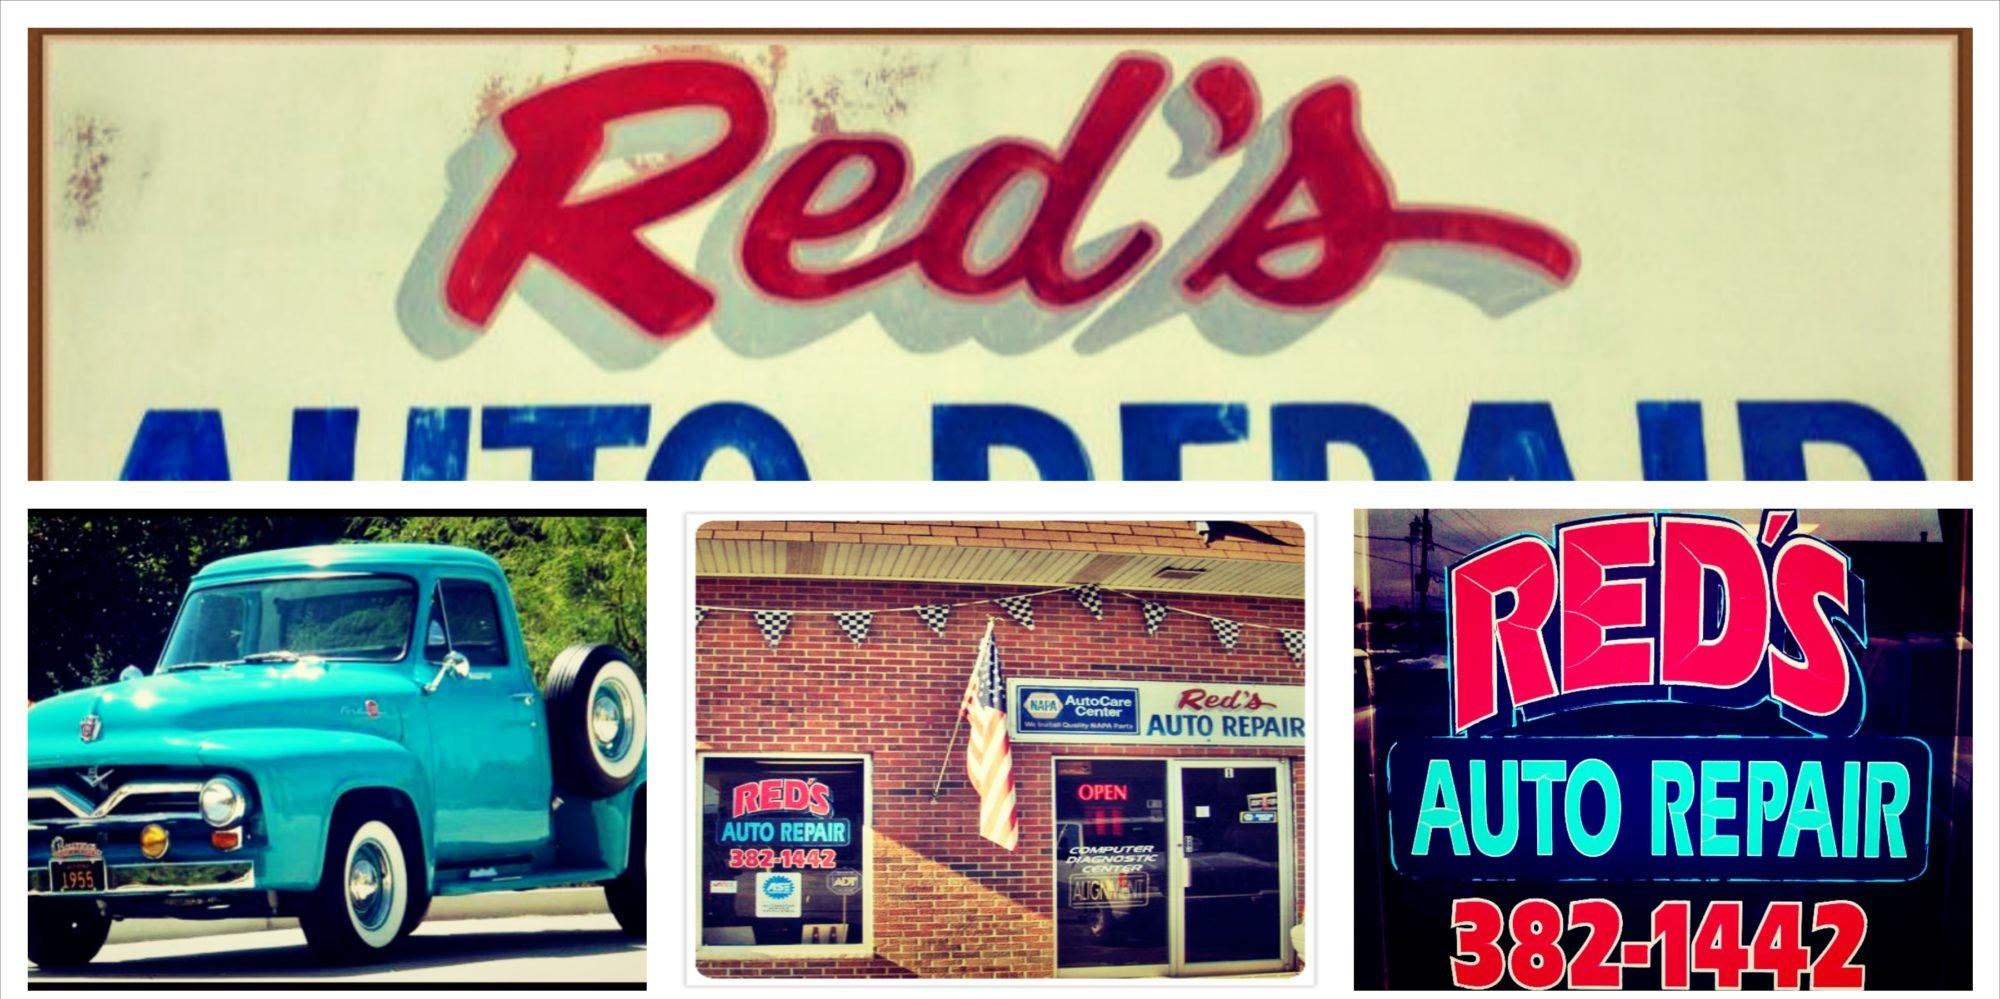 Reds Auto Repair